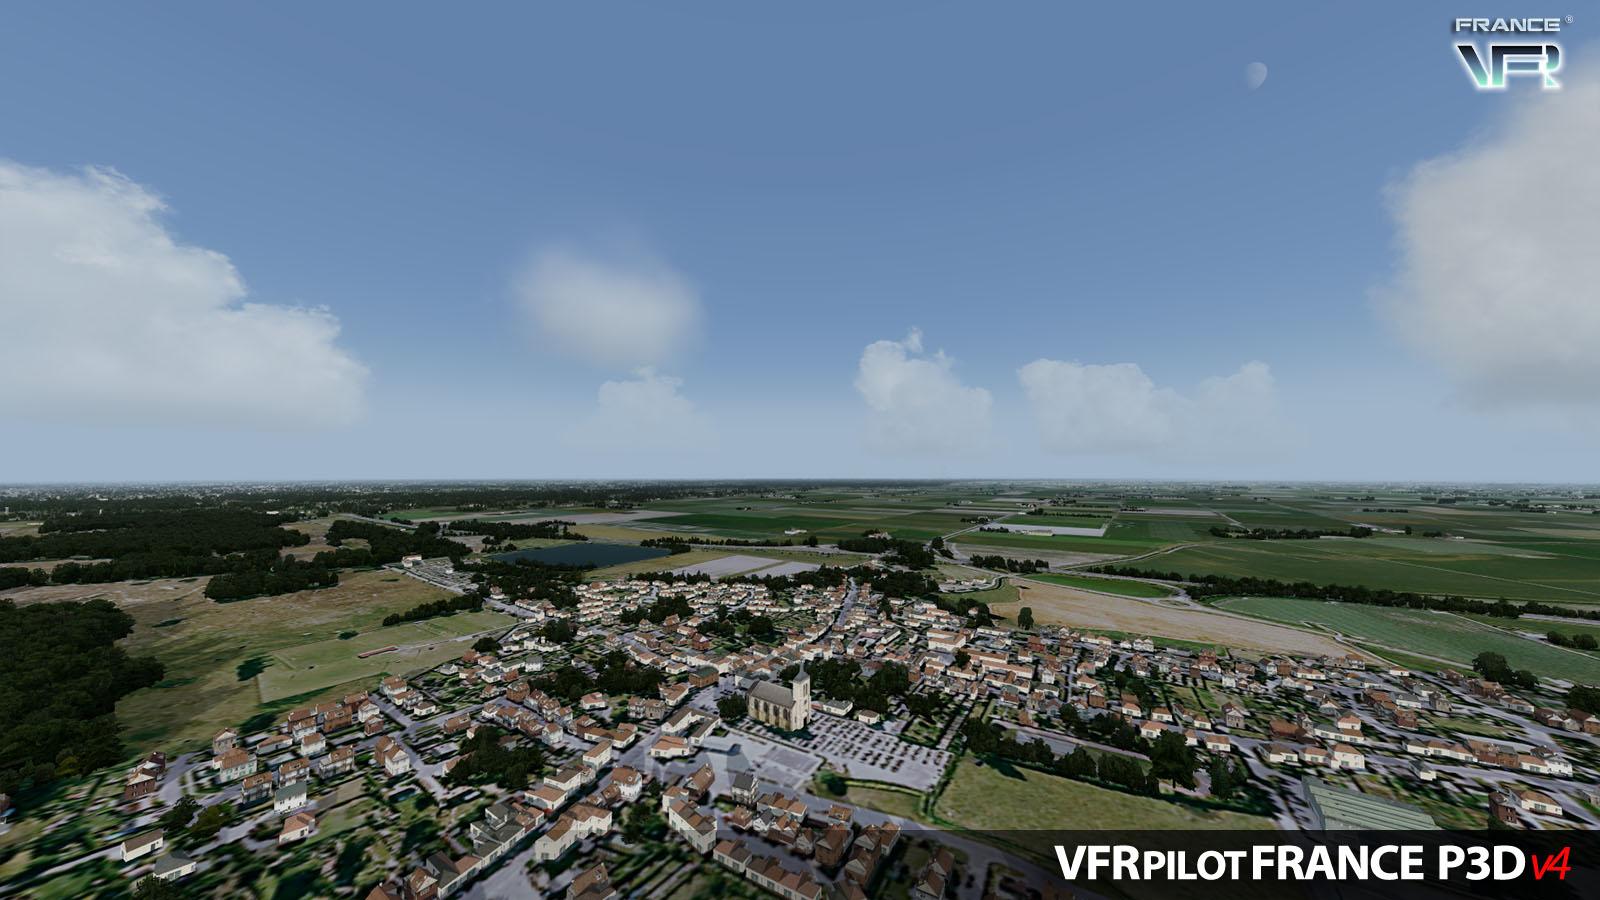 VFRFRAP3D_22